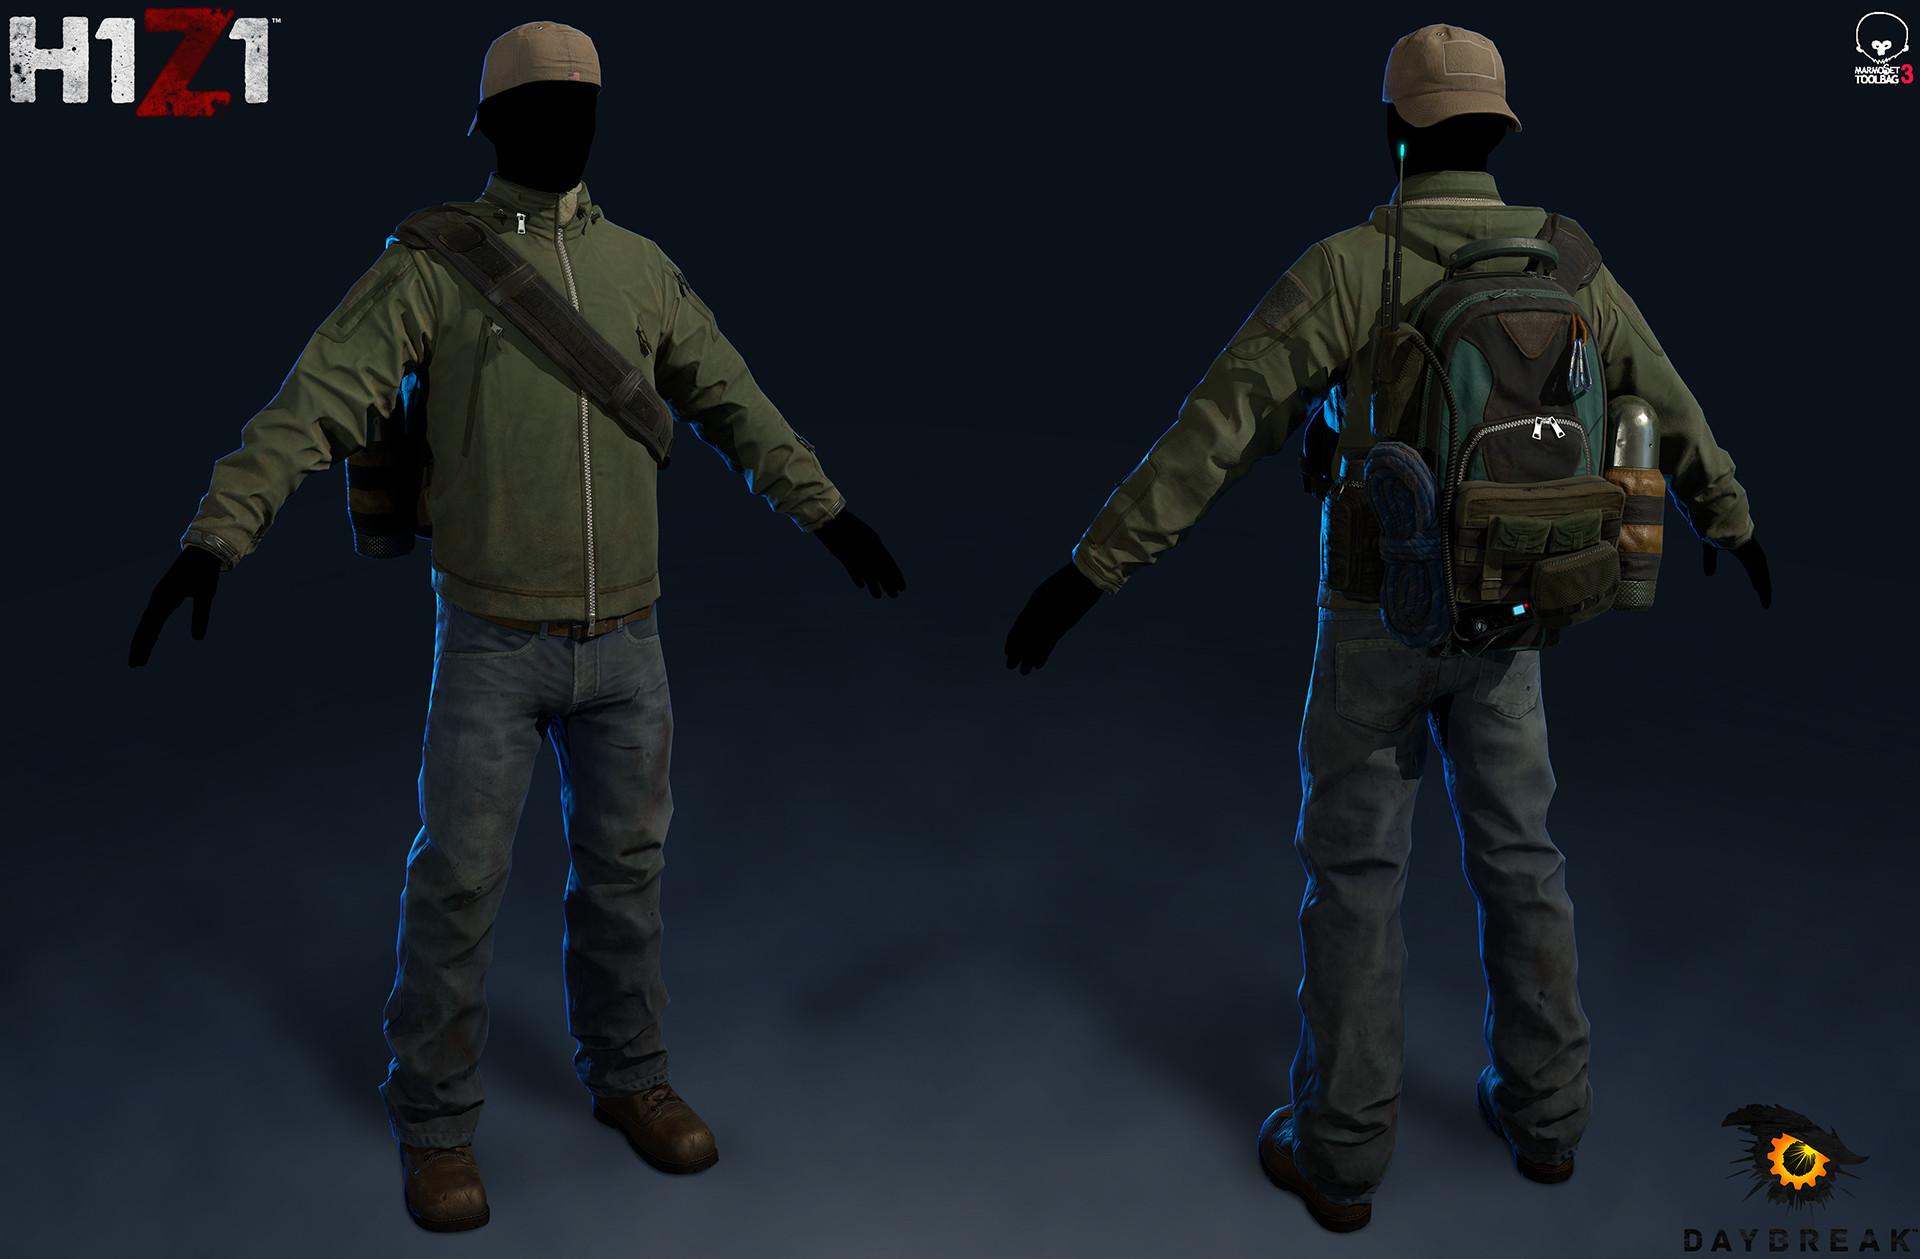 Satoshi arakawa tac jacket outfit marmoset